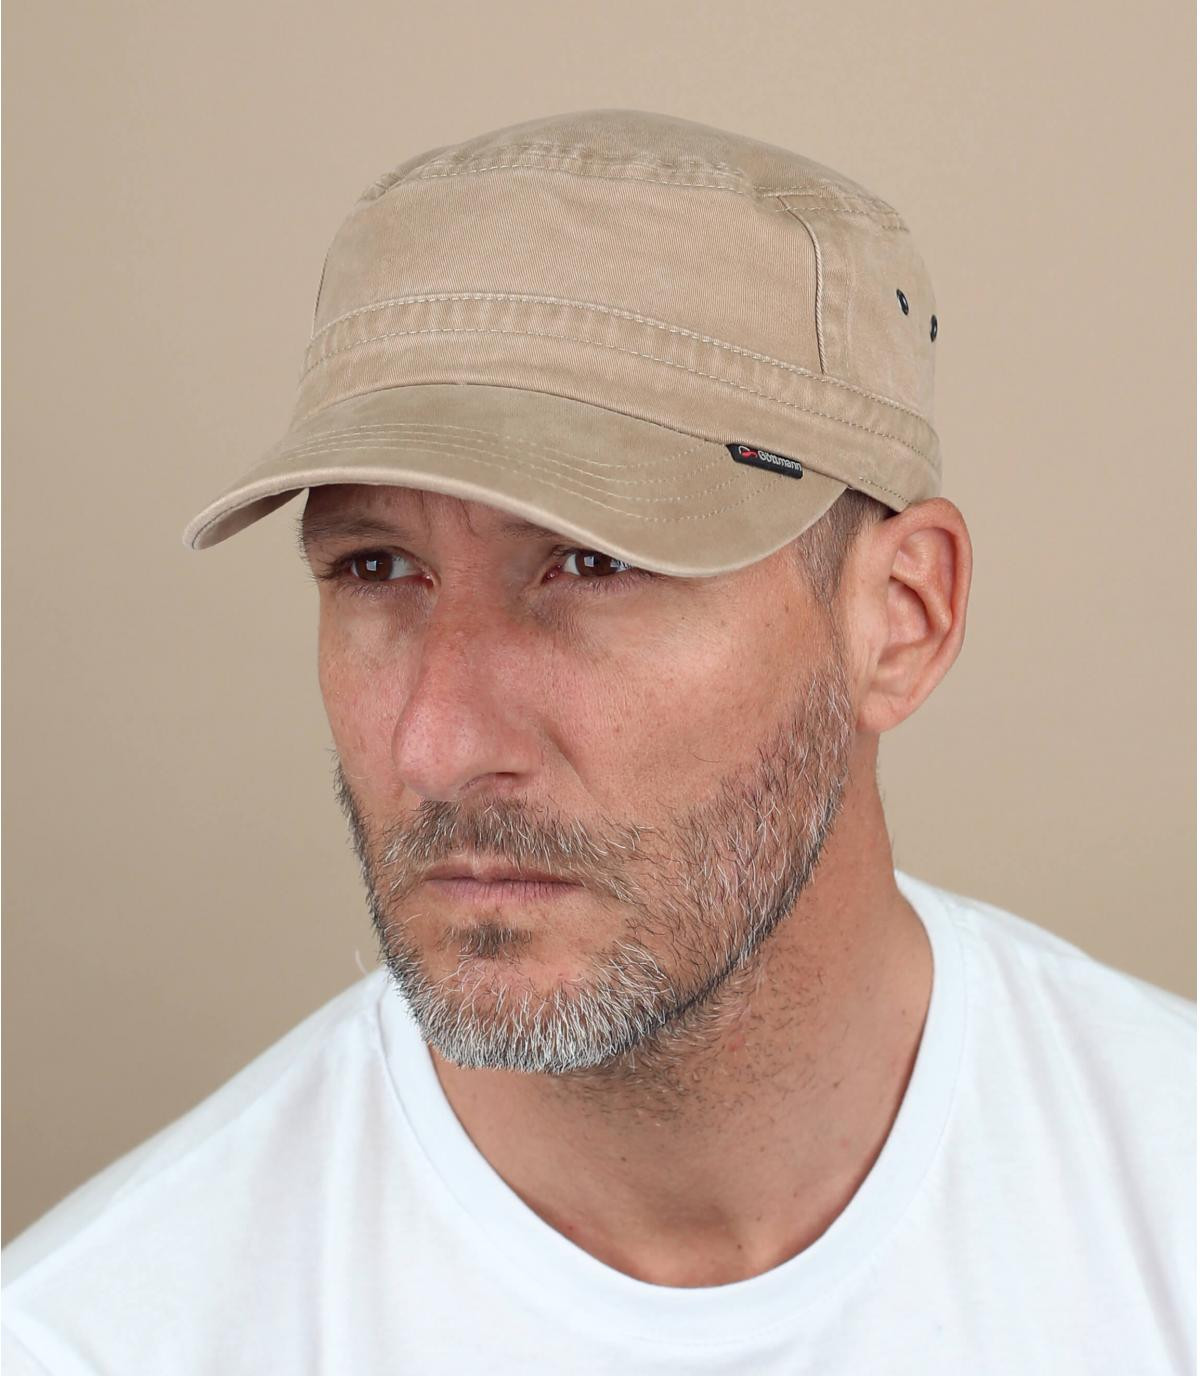 Army Cap beige